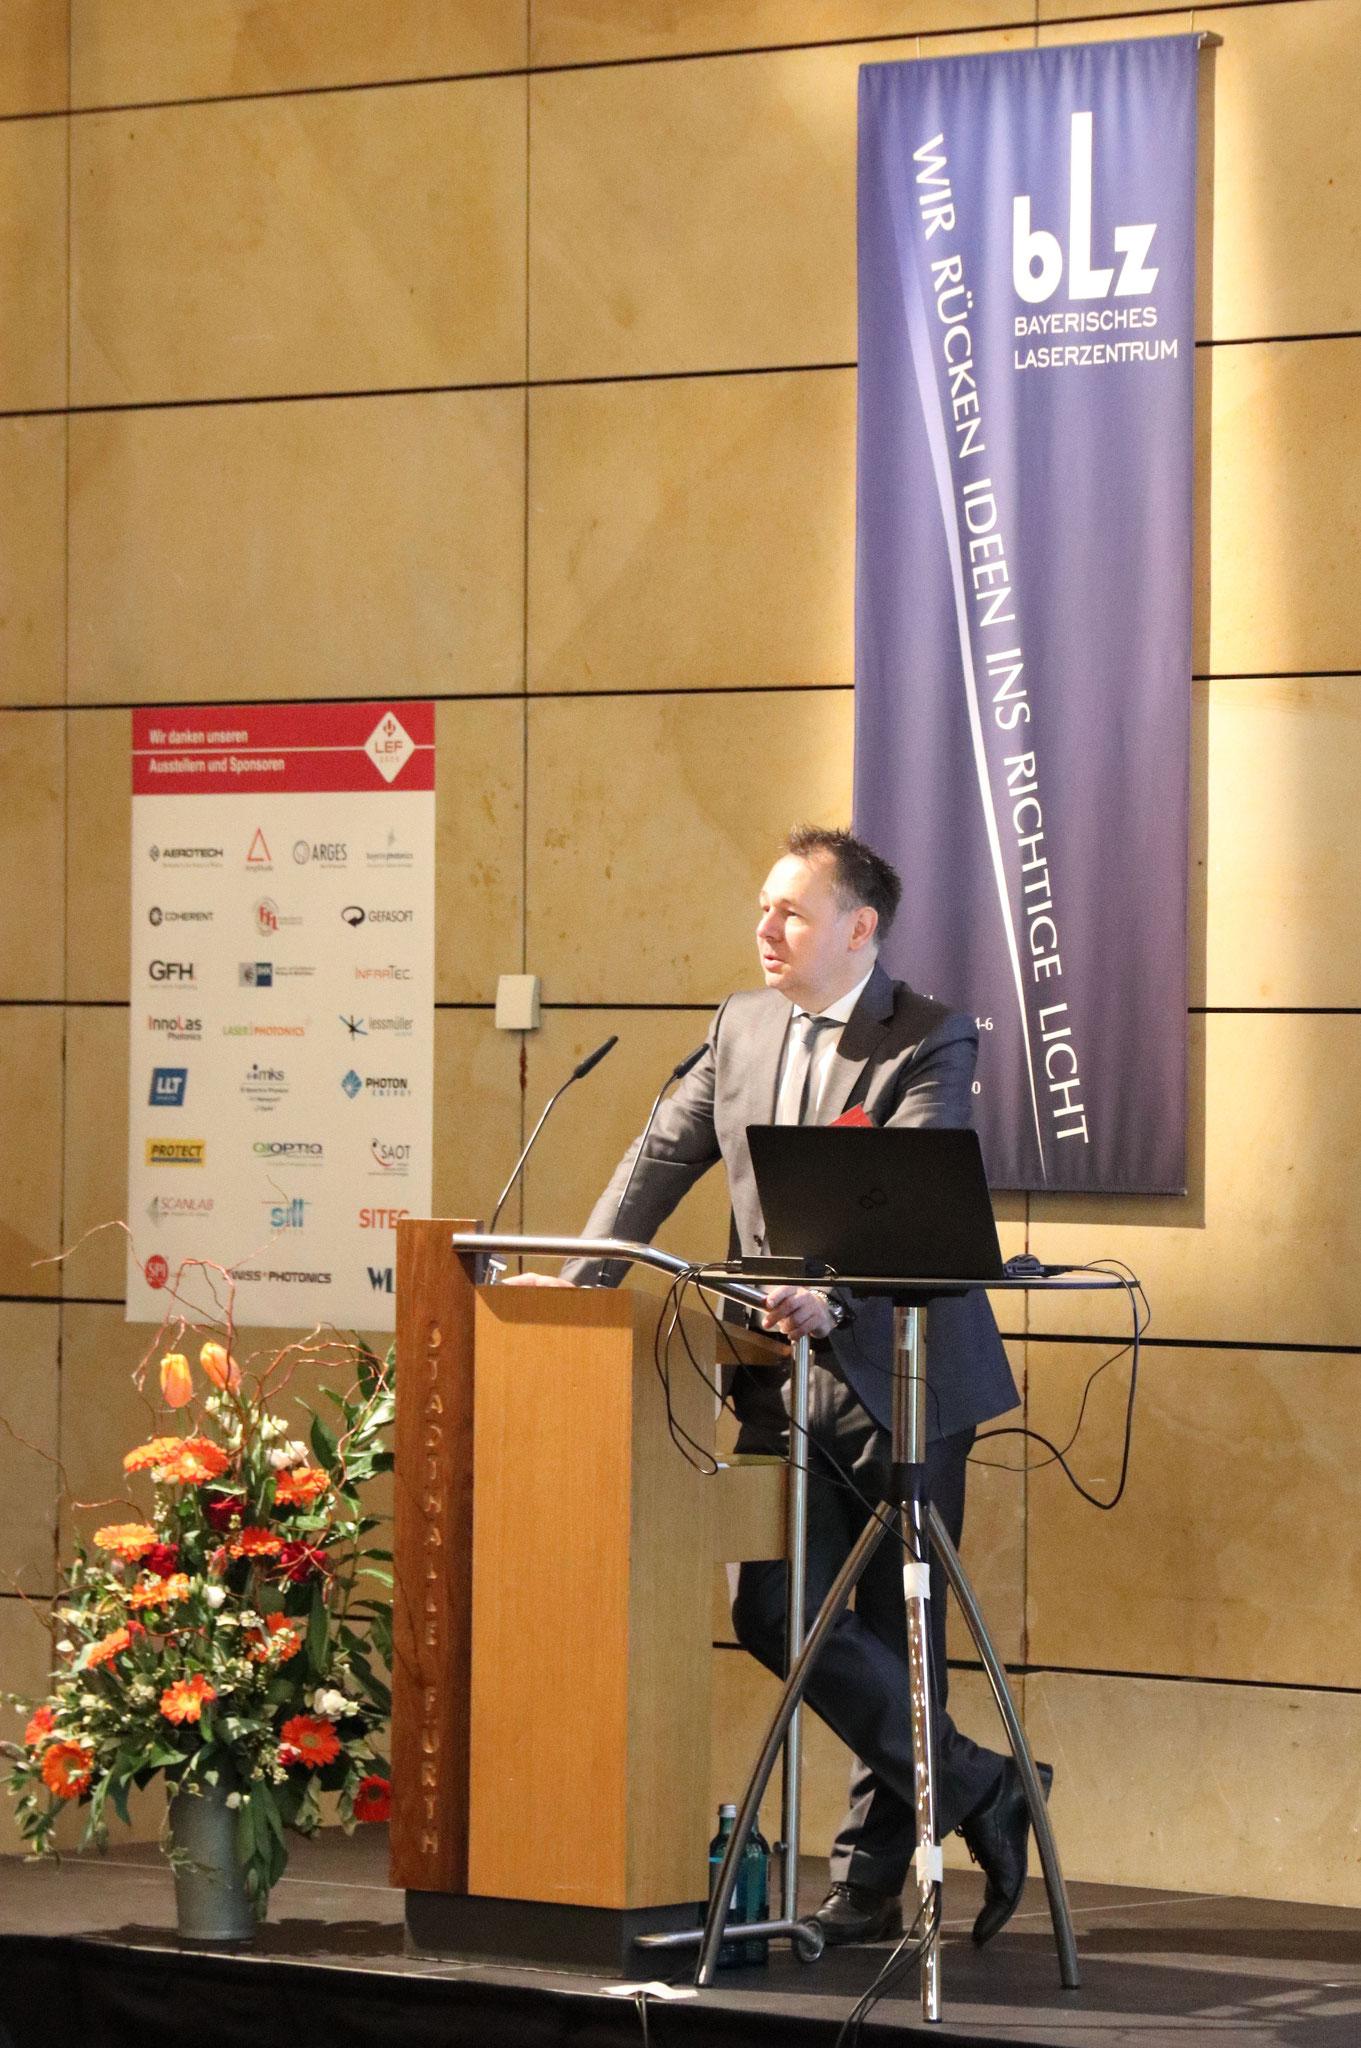 Eröffnung der LEF 2020 durch den Gastgeber Prof. Michael Schmidt